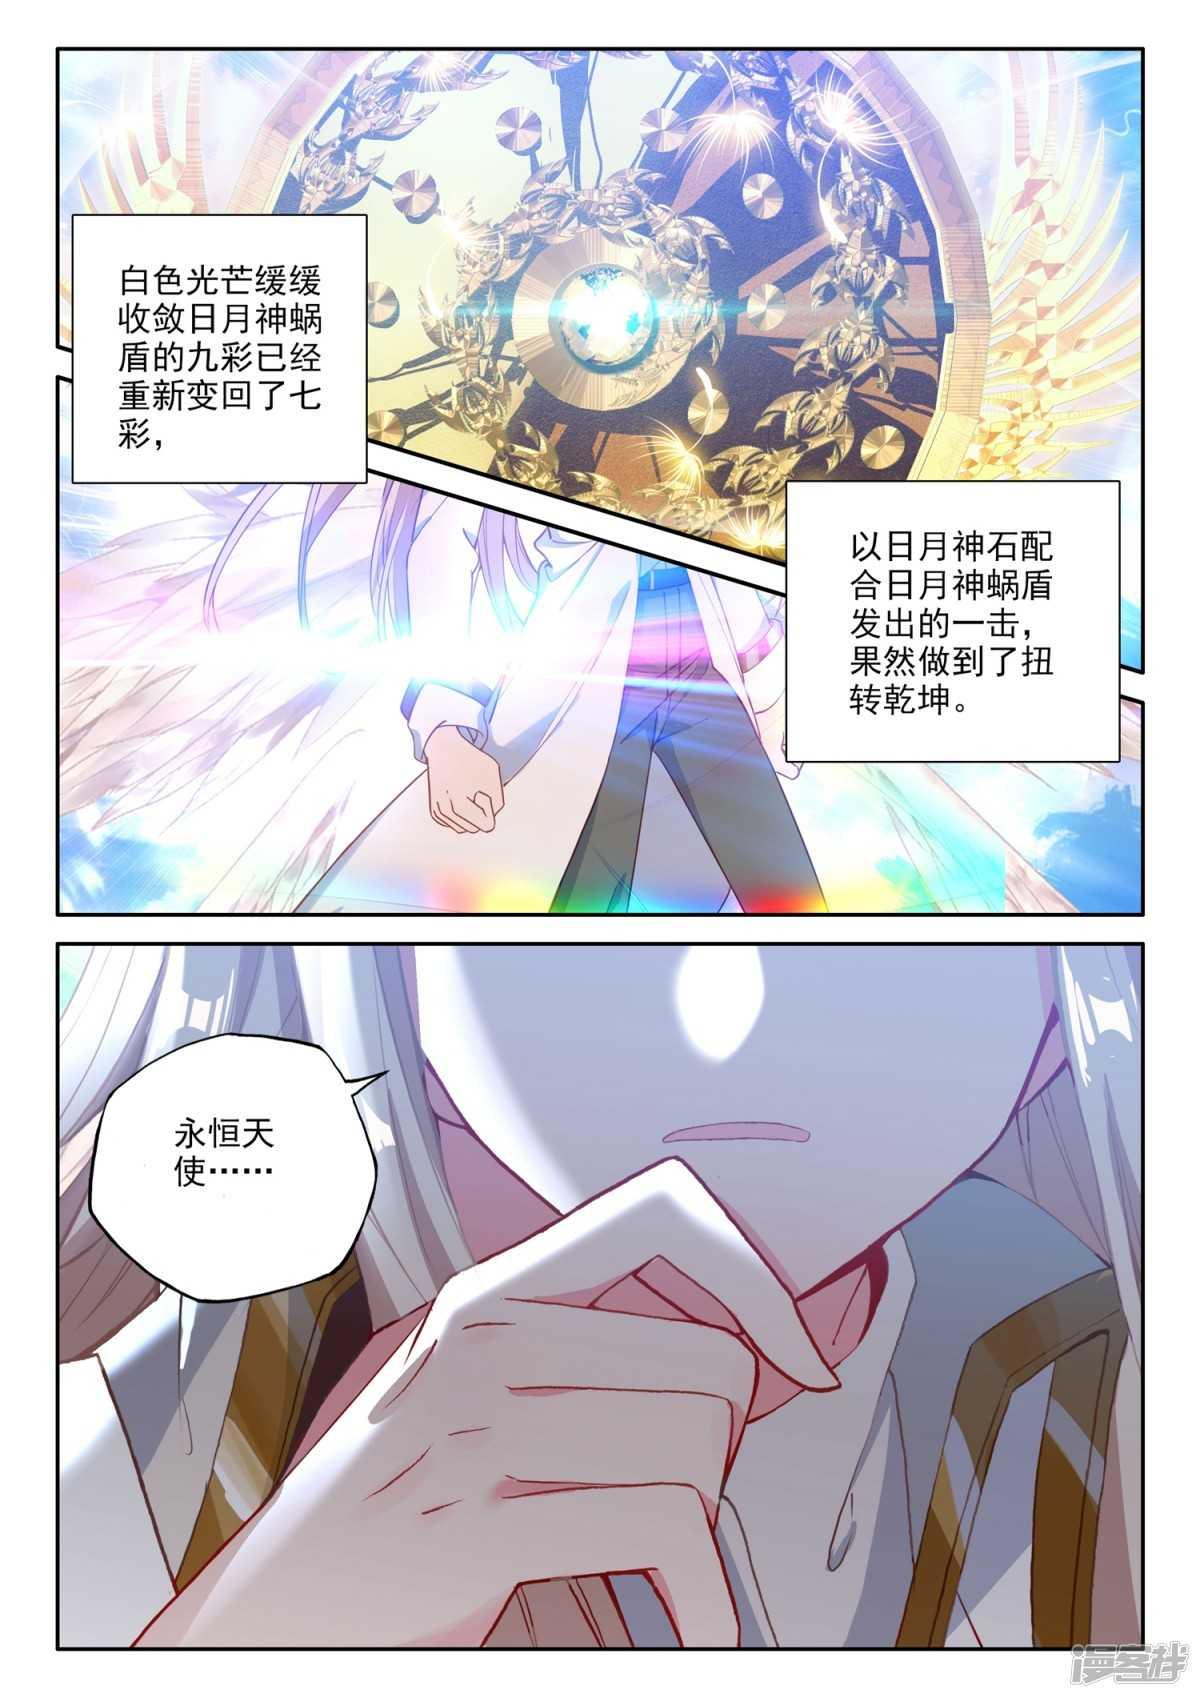 【漫画更新】《神印王座》总509~510话